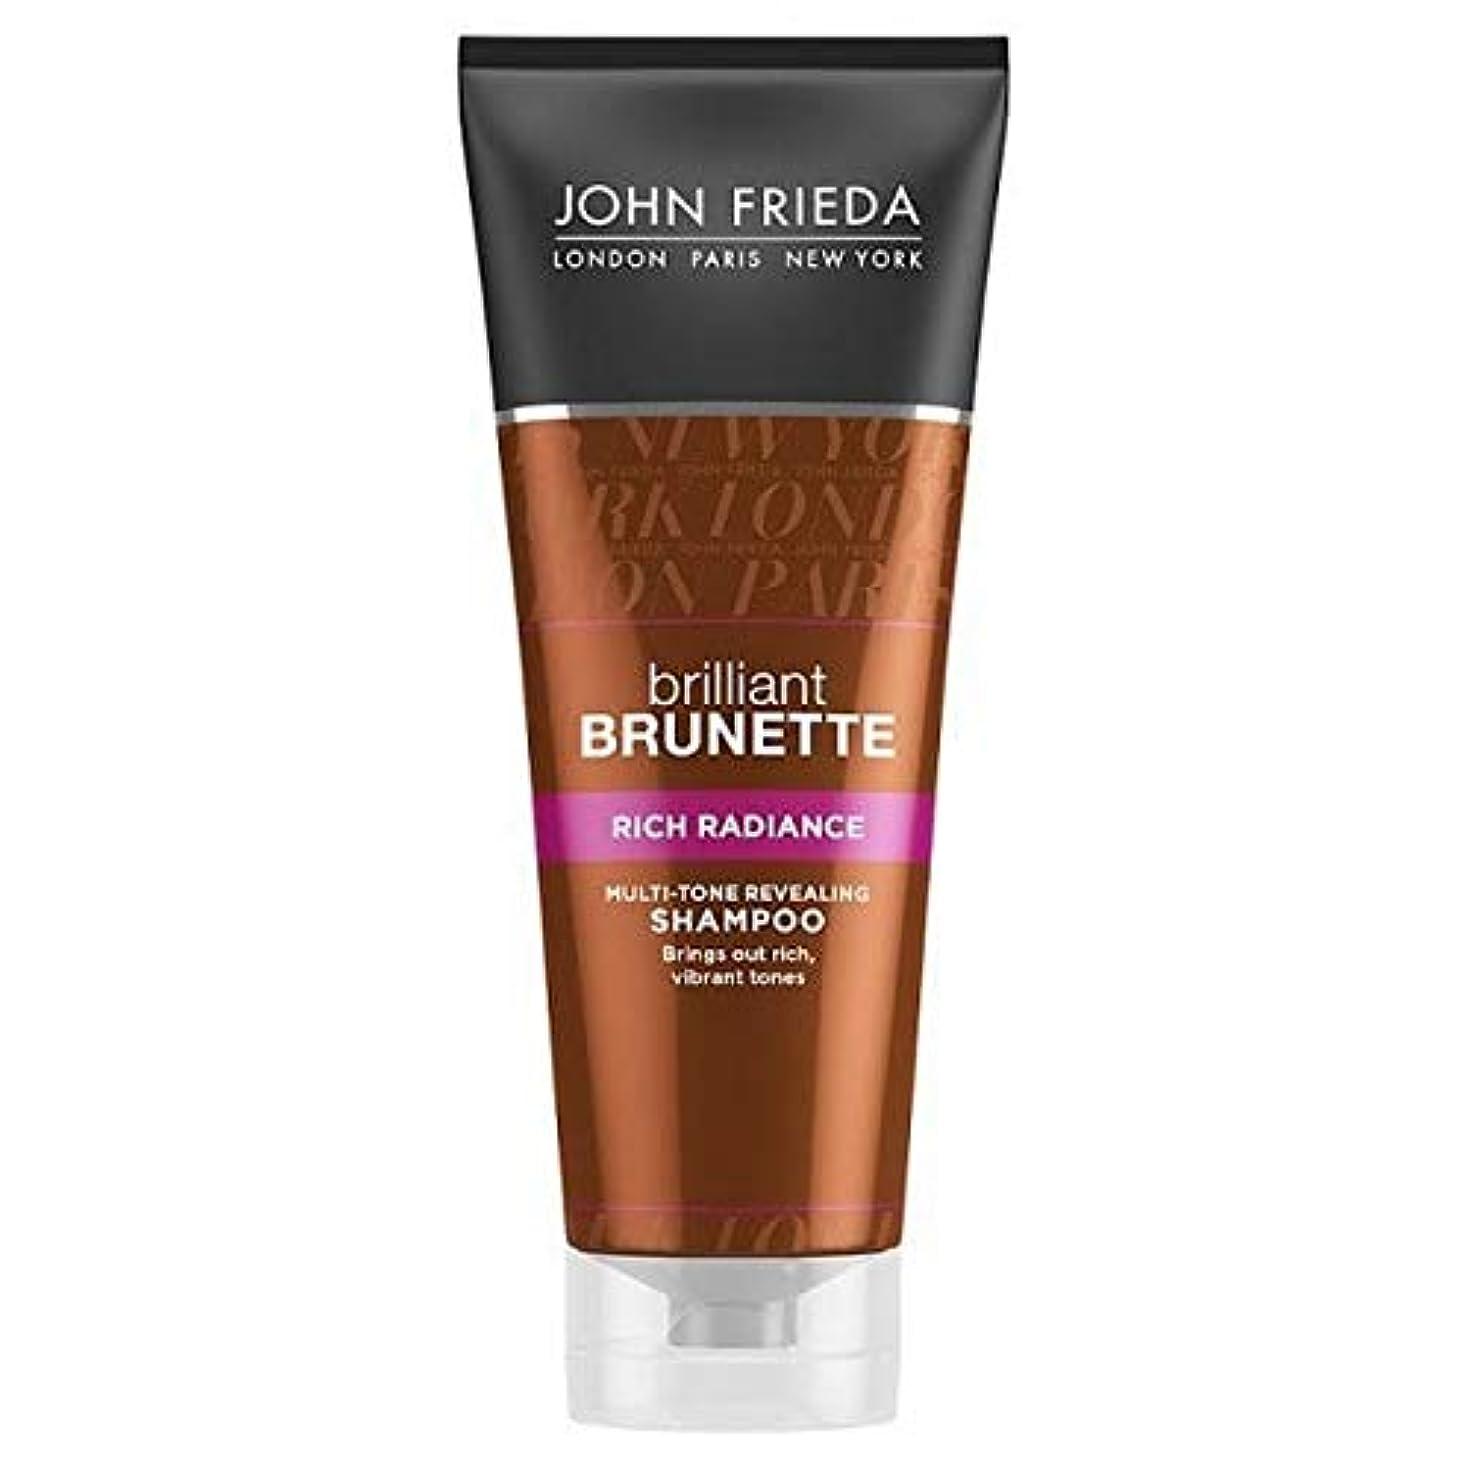 気付く希少性統計的[John Frieda ] ジョン?フリーダ華麗なブルネットの豊富な放射輝度シャンプー250Ml - John Frieda Brilliant Brunette Rich Radiance Shampoo 250ml [並行輸入品]